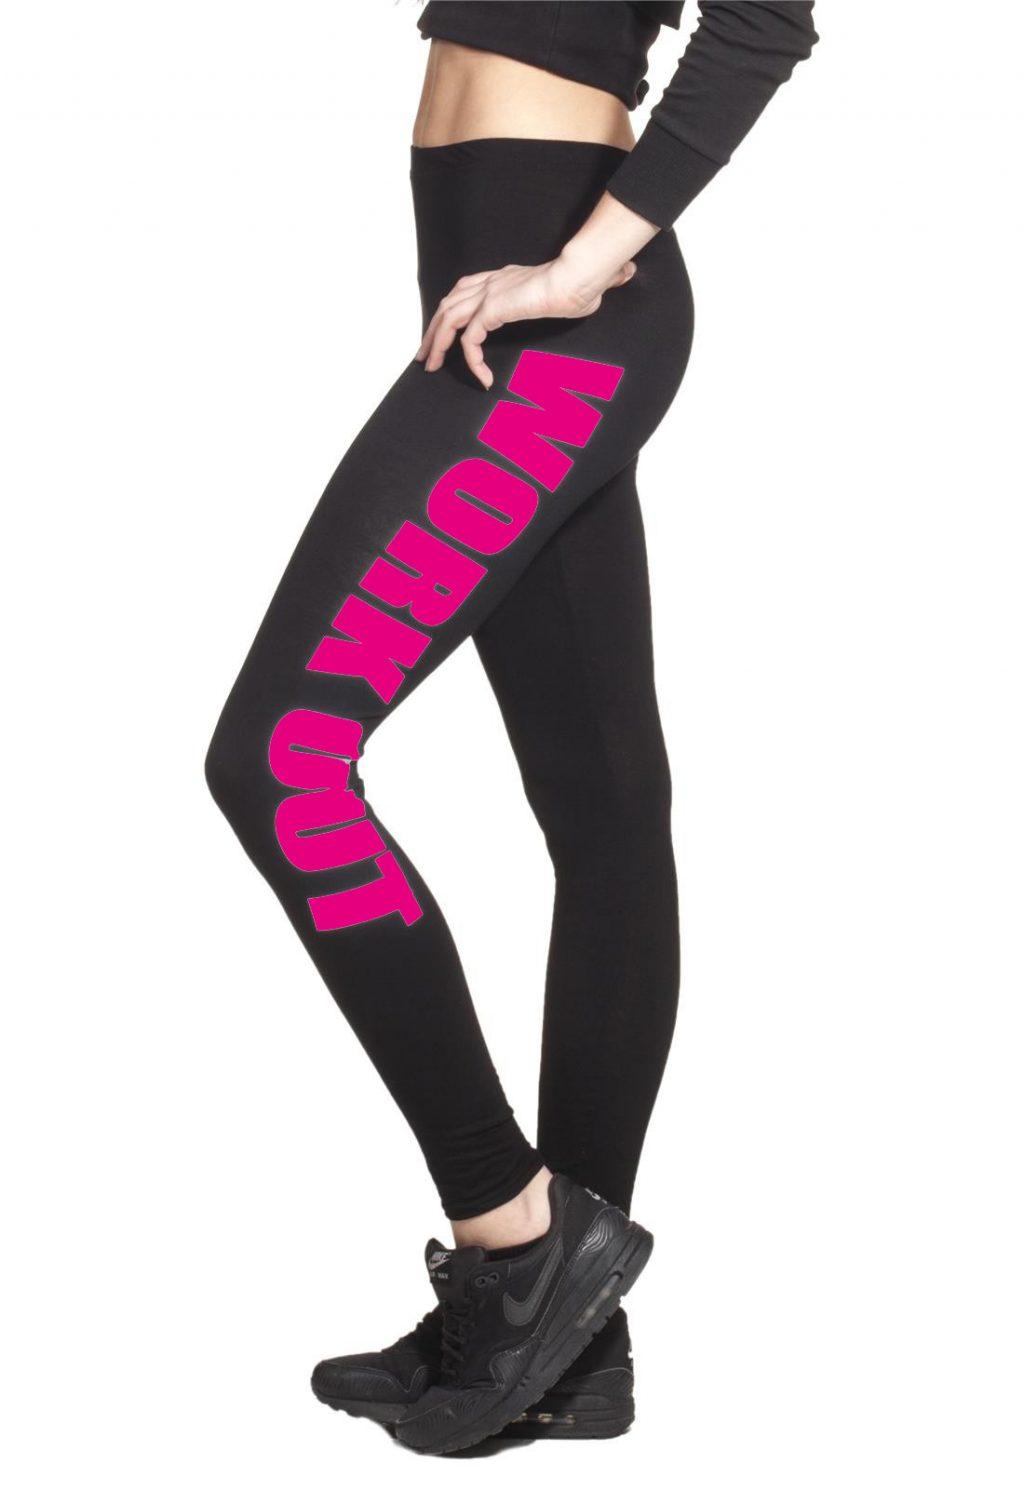 workout-legging-pink-text